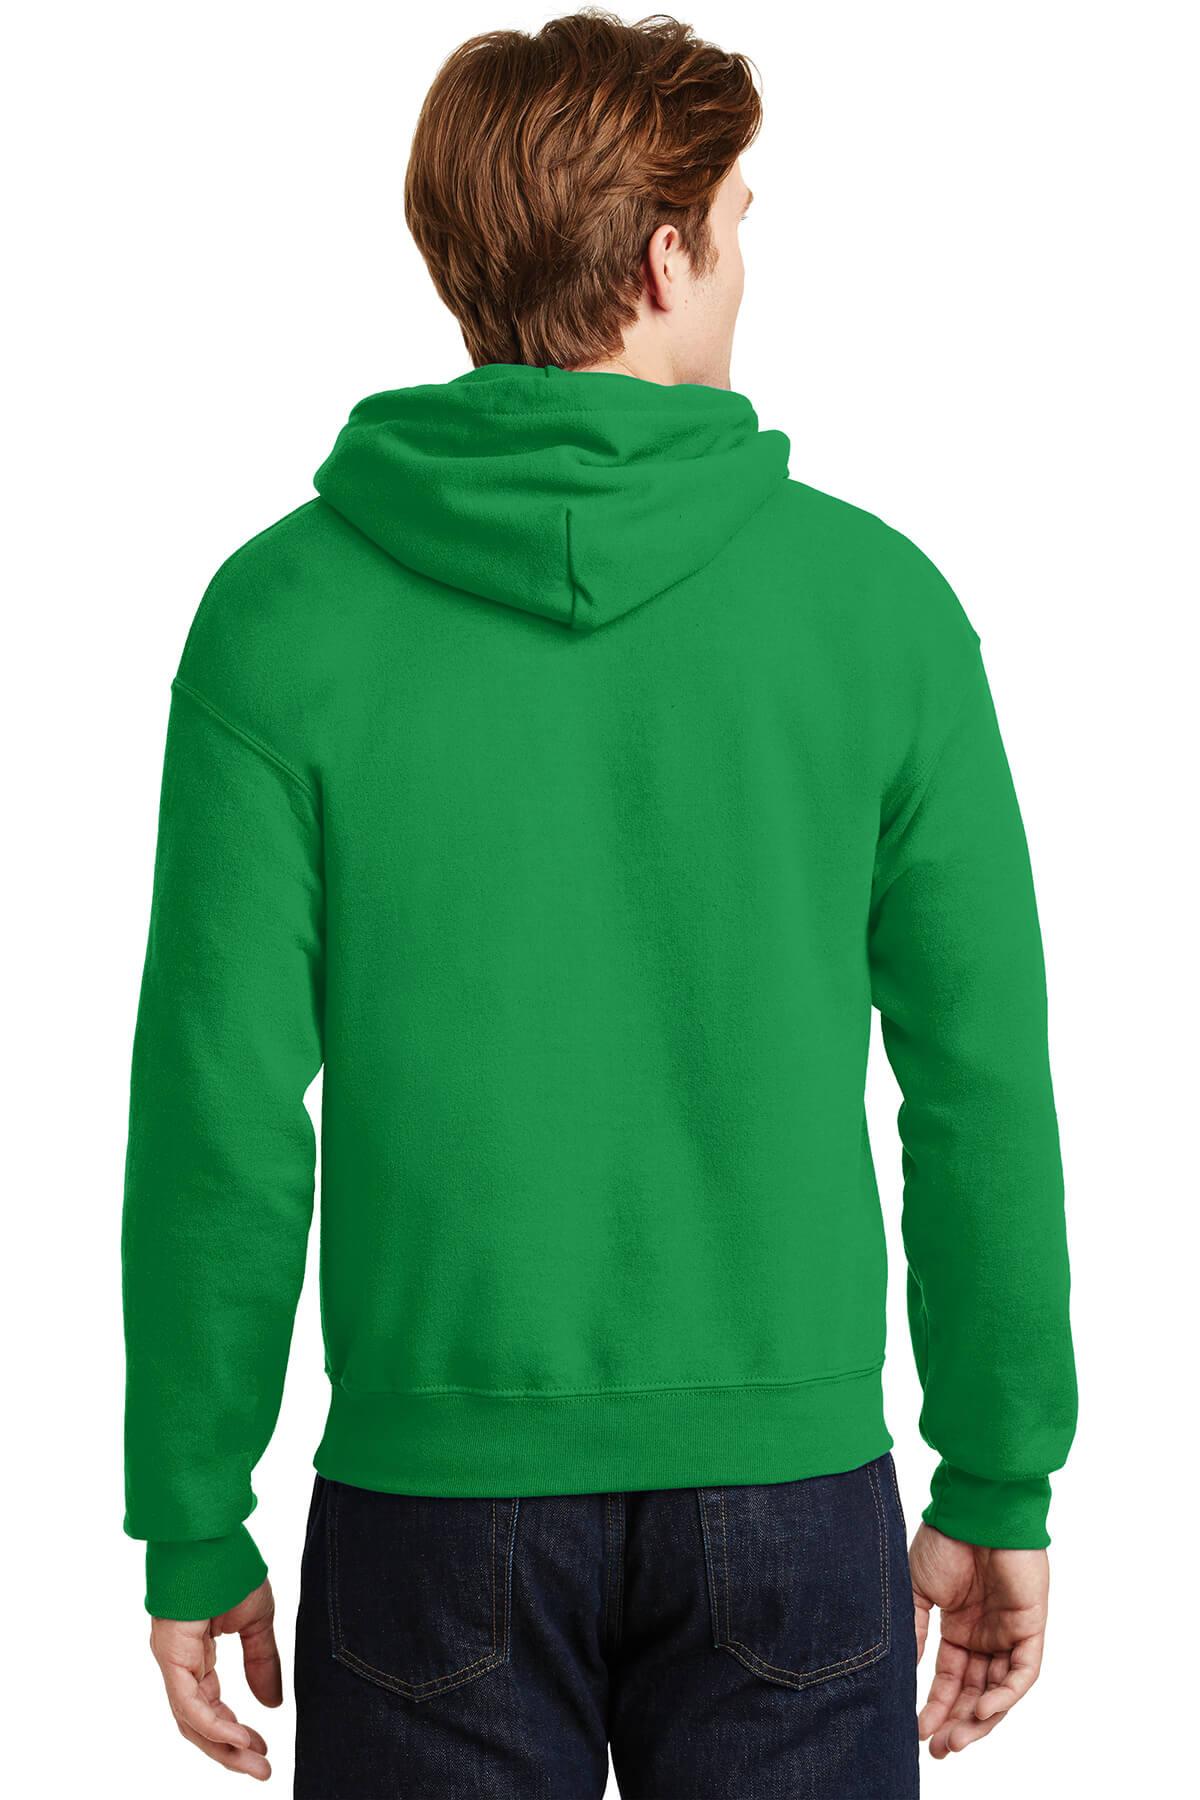 18500-irish-green-2